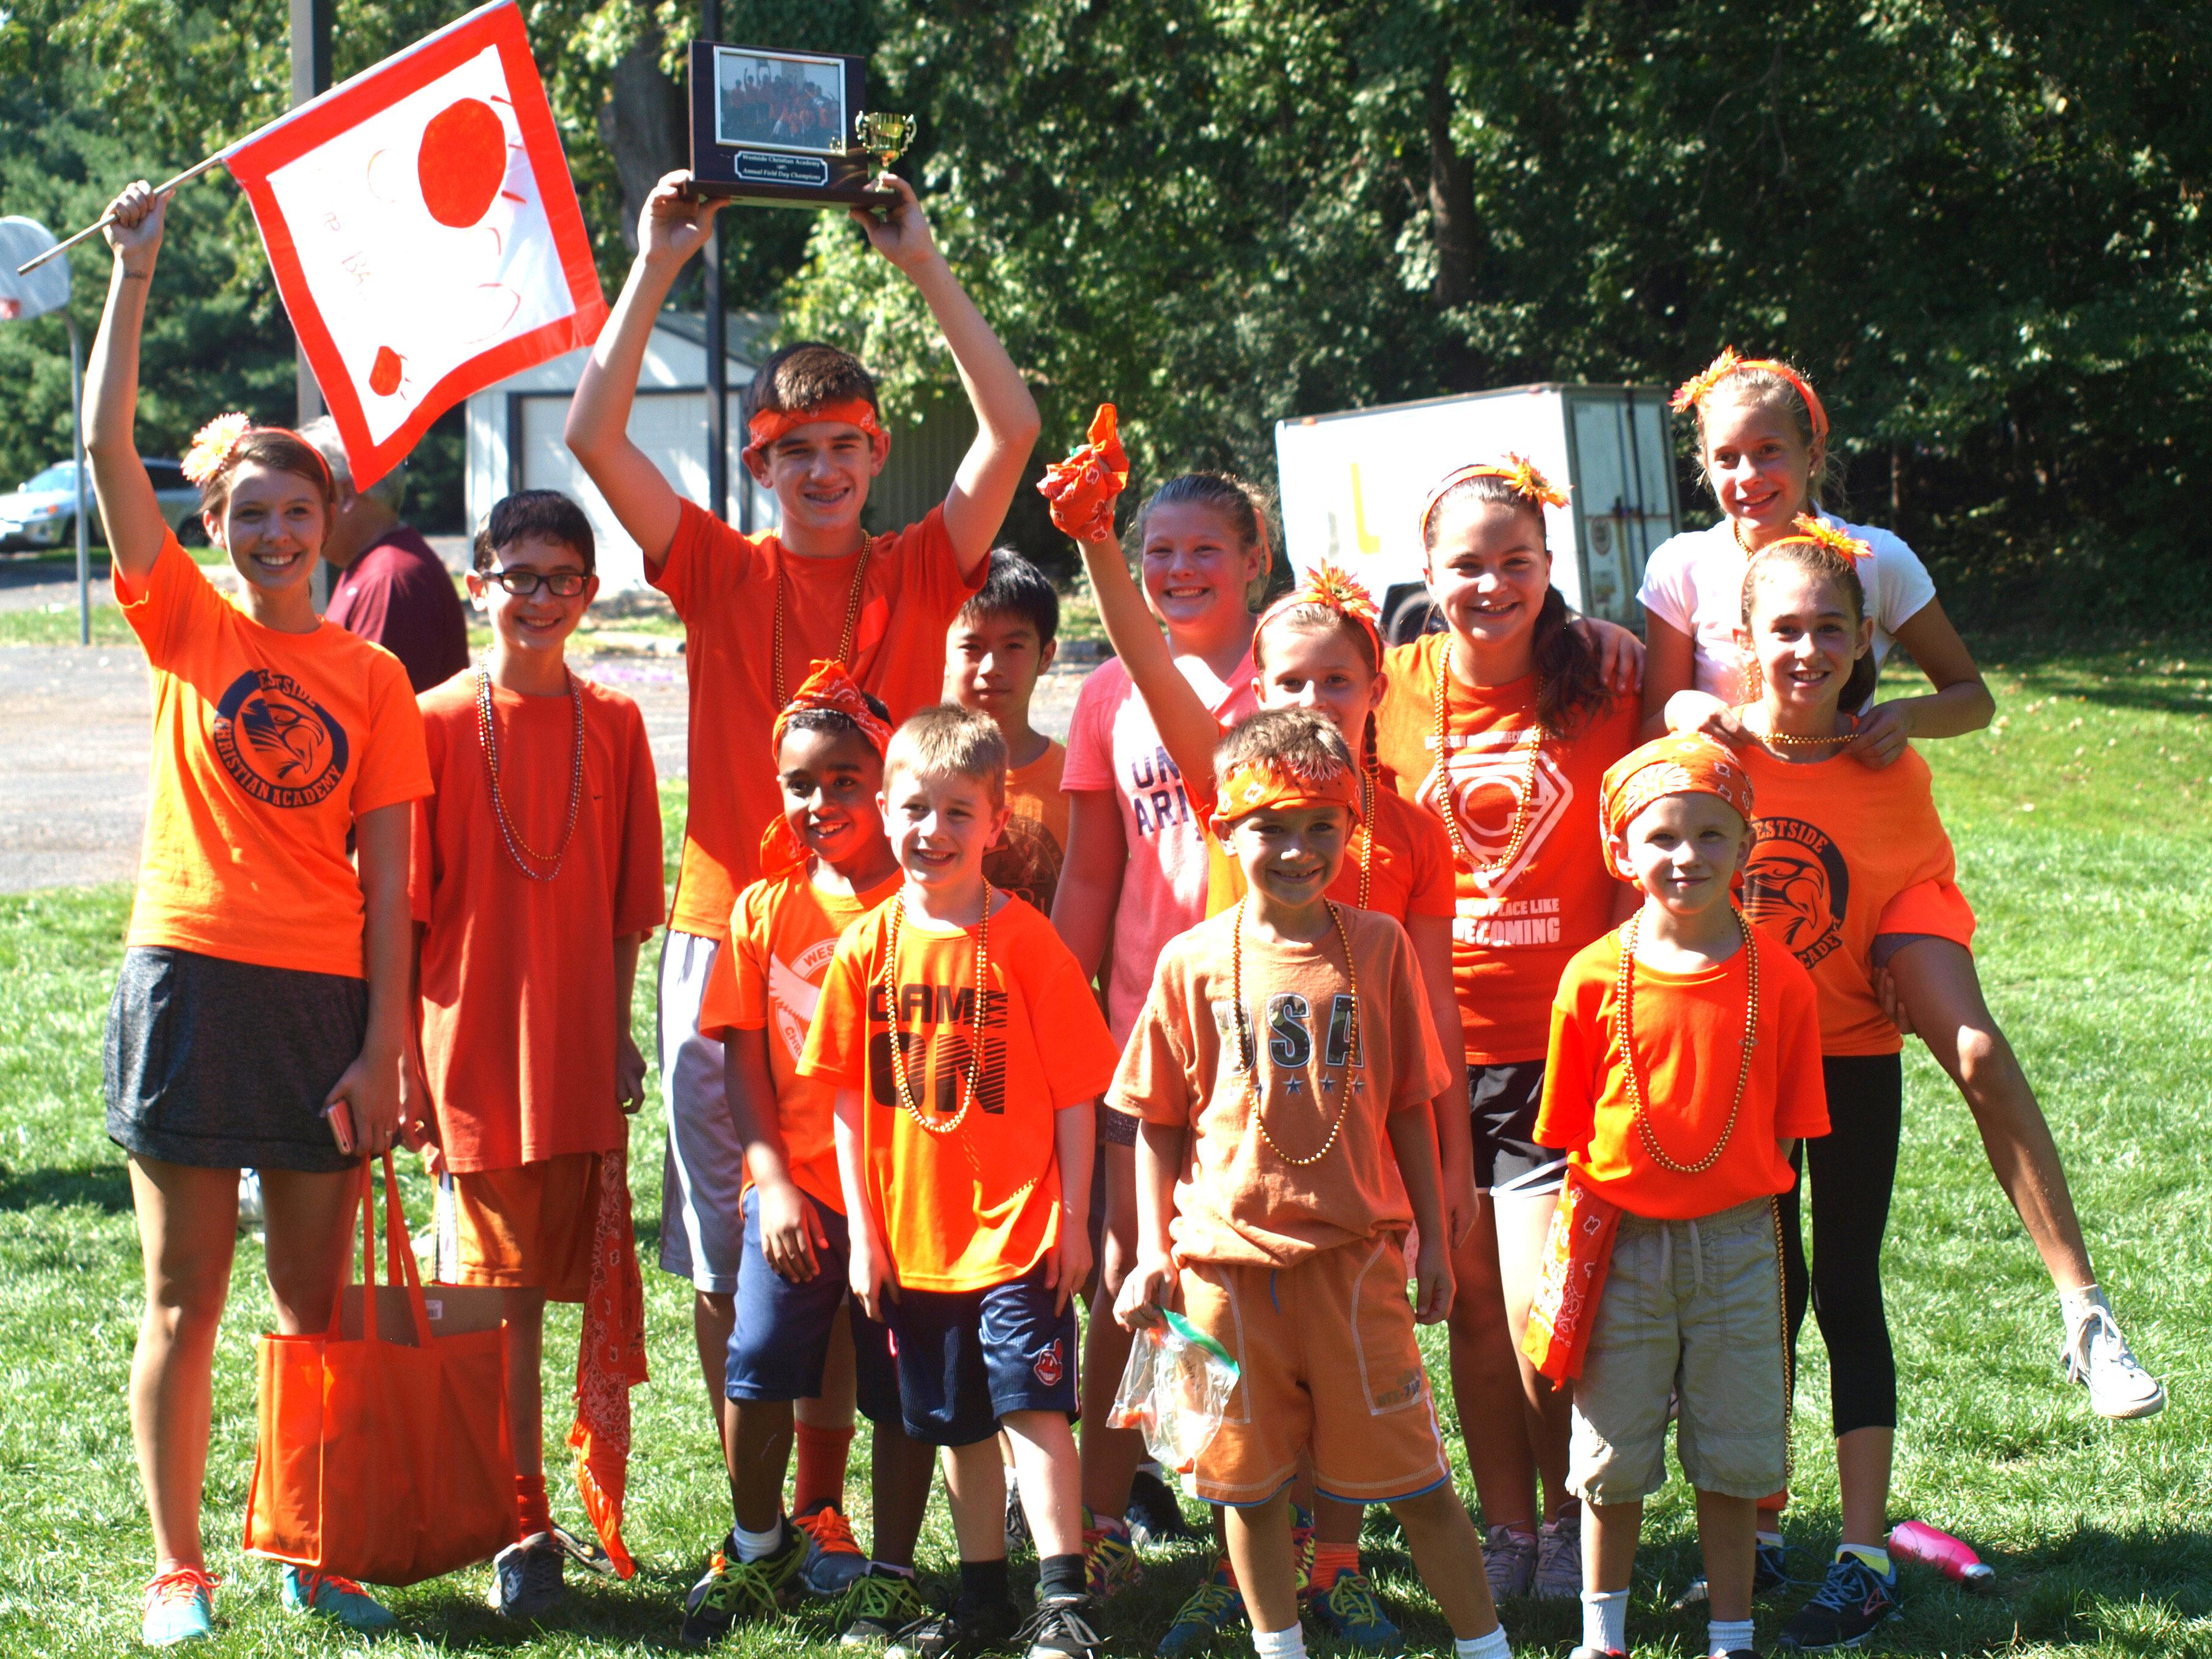 Orange Victory!